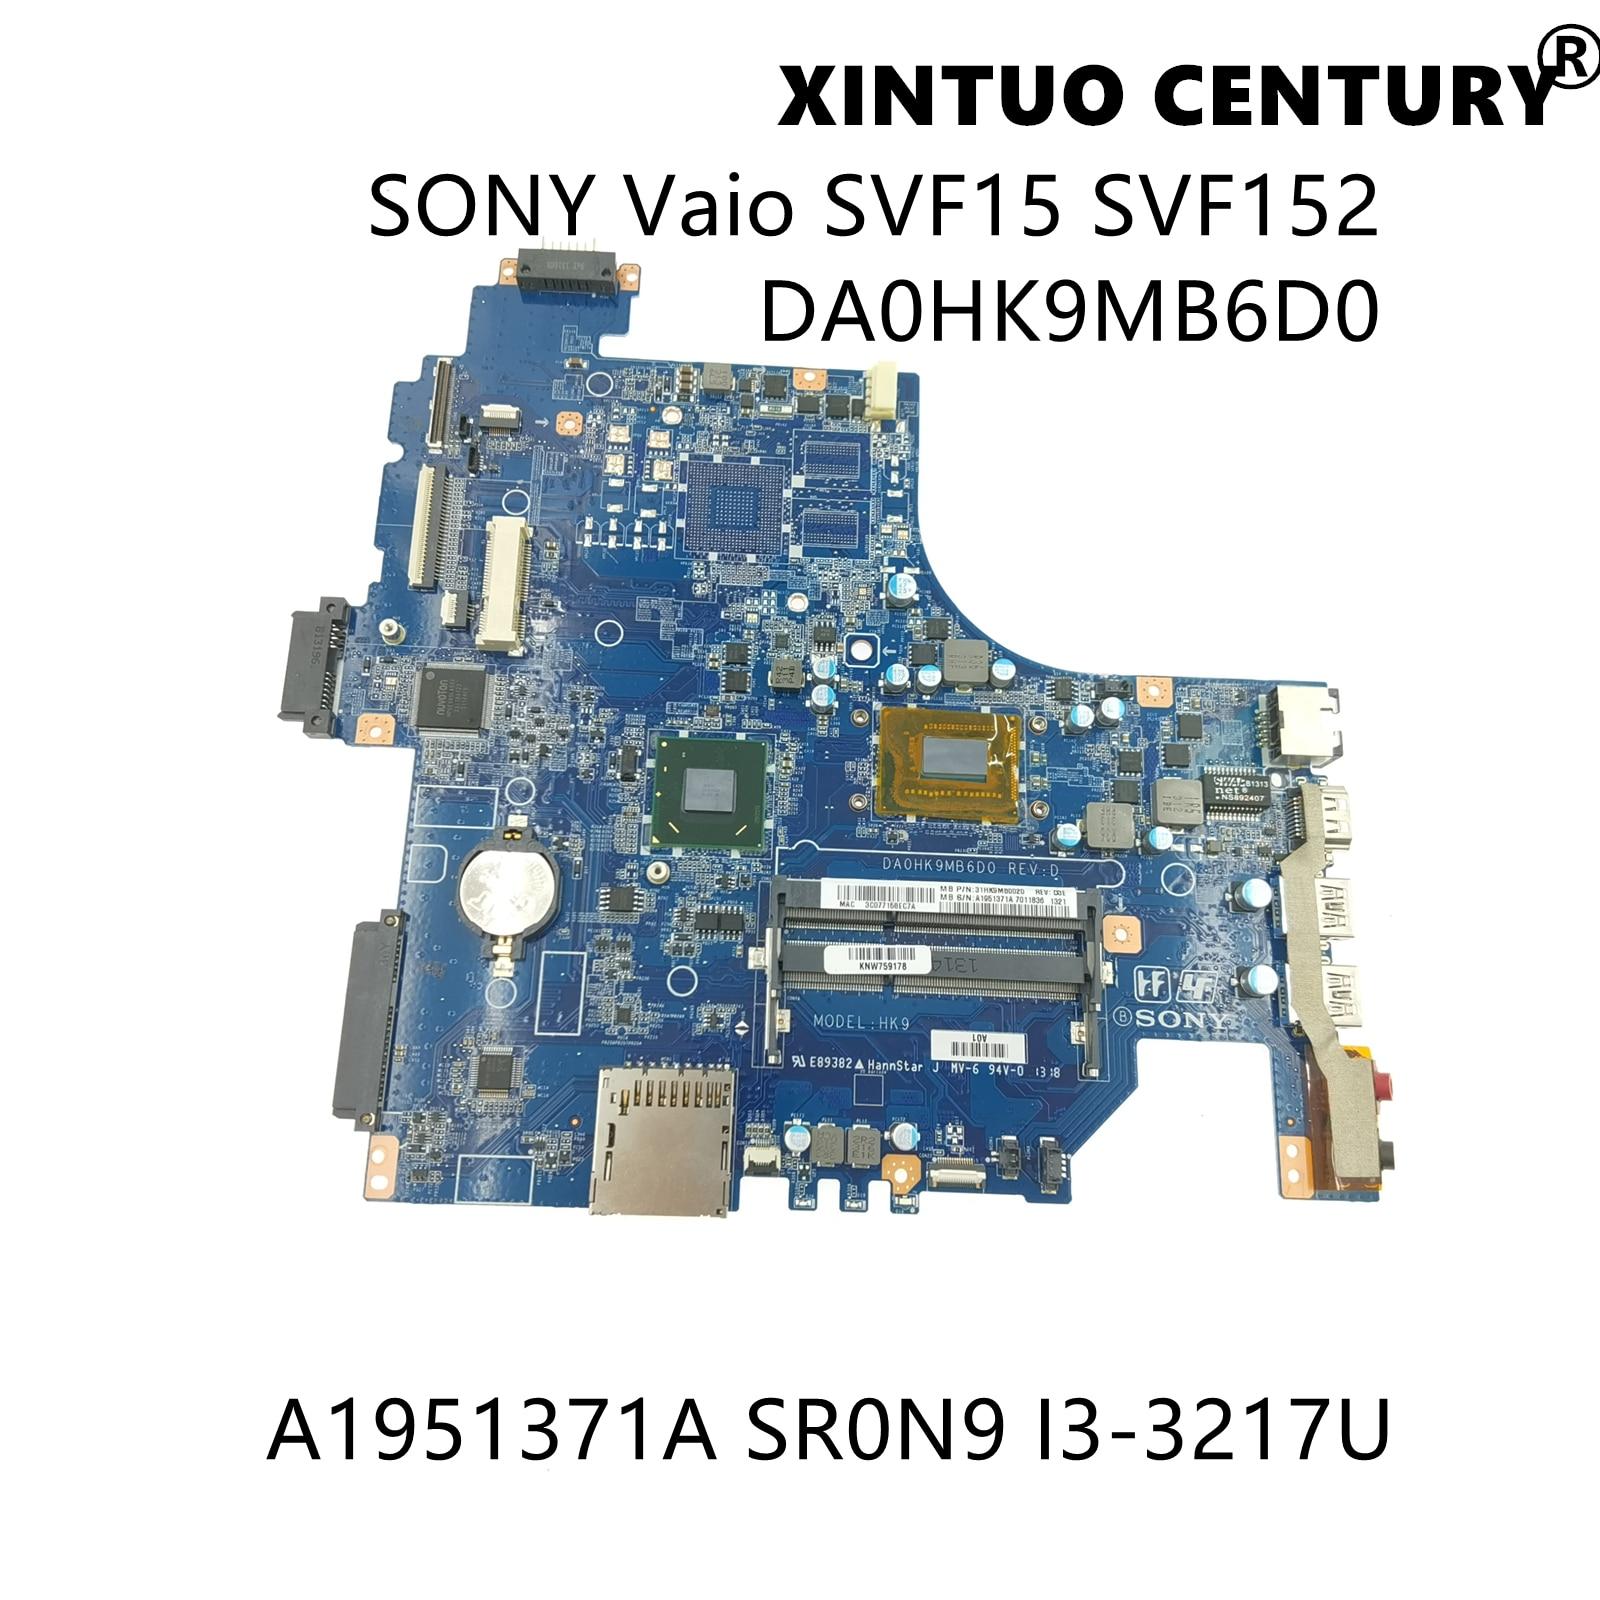 A1951371A لسوني Vaio SVF15 SVF152 اللوحة الأم للكمبيوتر المحمول DA0HK9MB6D0 اللوحة الرئيسية مع SR0N9 I3-3217U DDR3 100% اختبار العمل